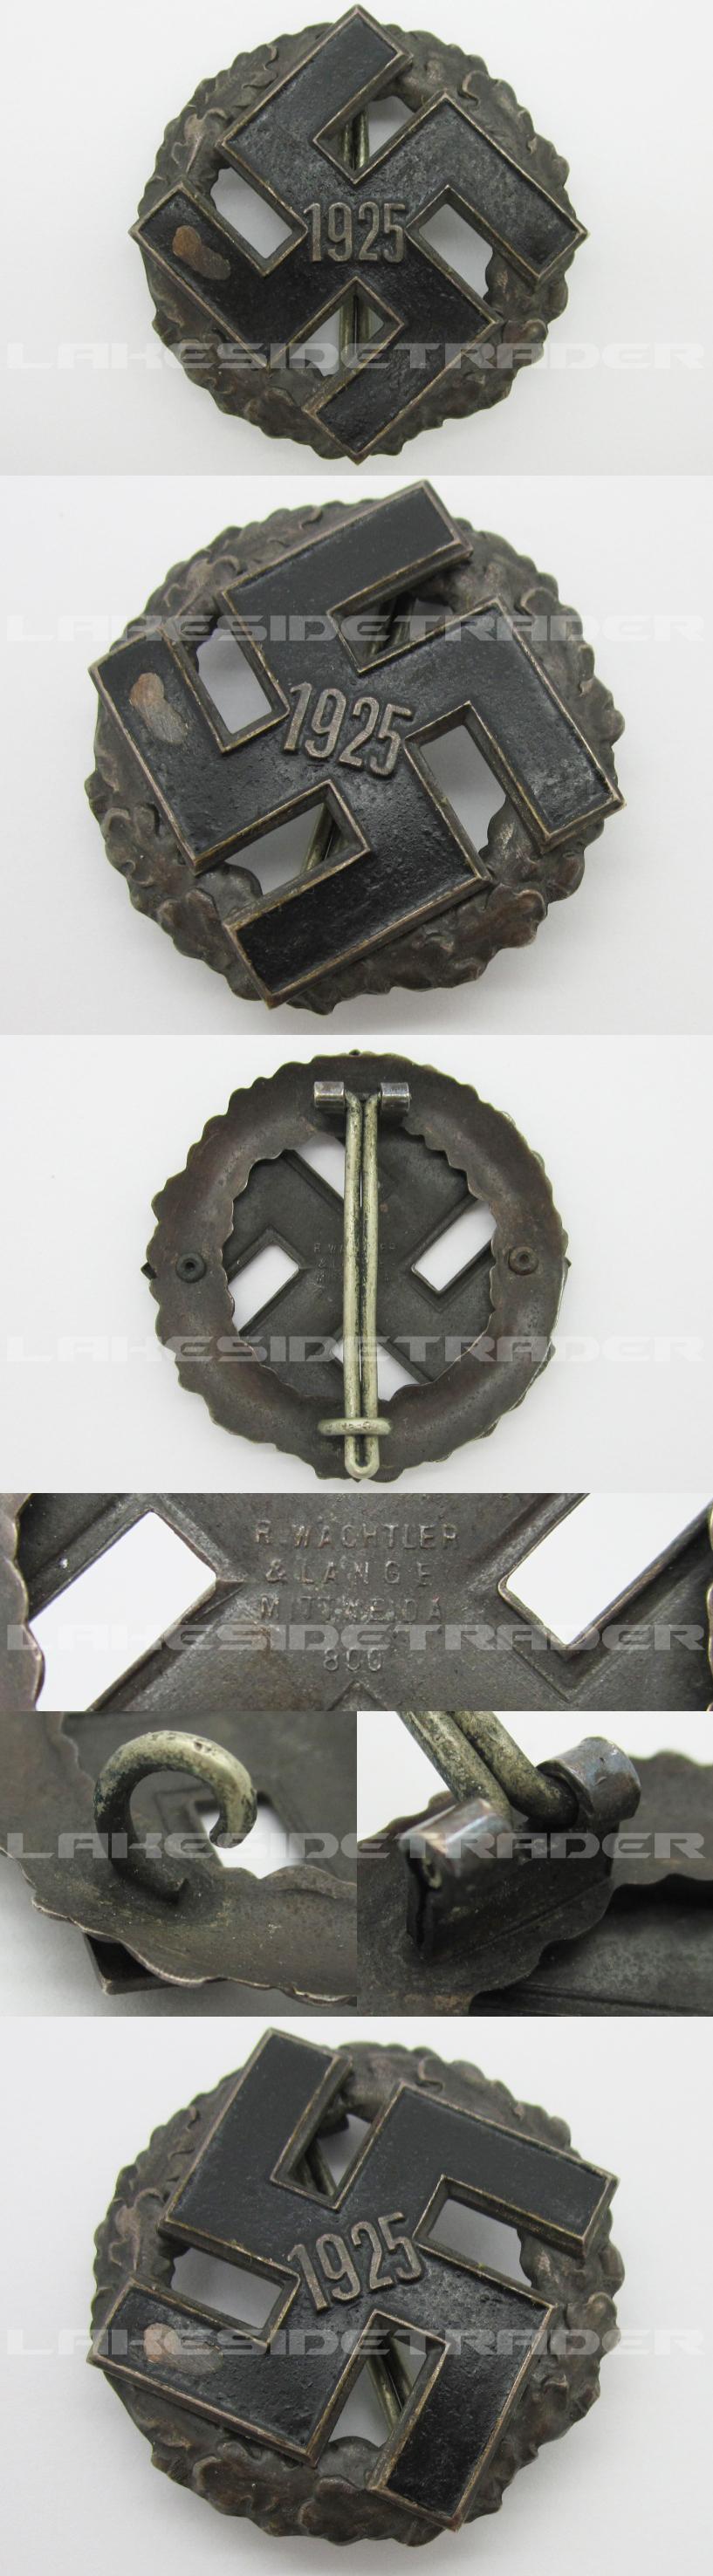 NSDAP General Honor Gau Badge 1925